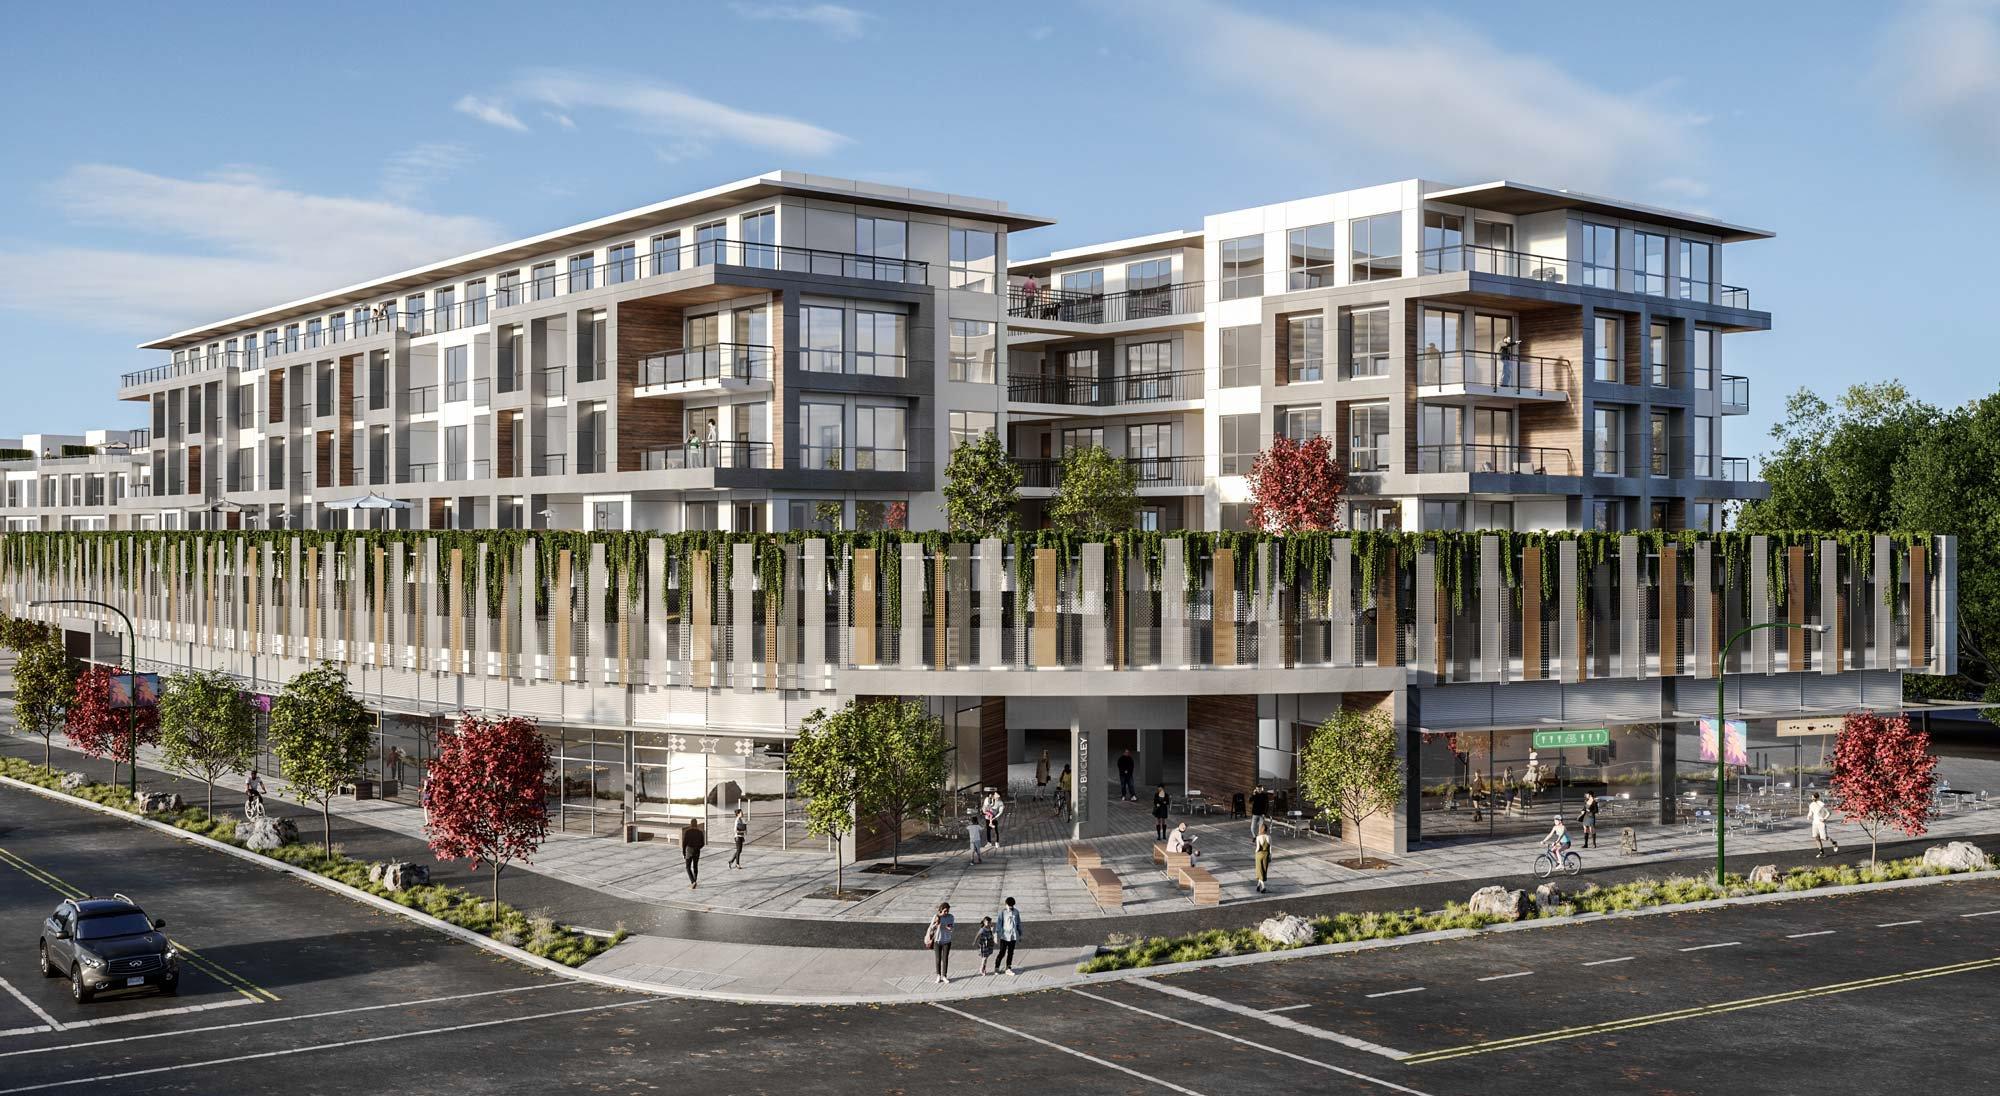 Jumar Development - Squamish BC - Michael Tudorie, RE/MAX, 604 910 7777